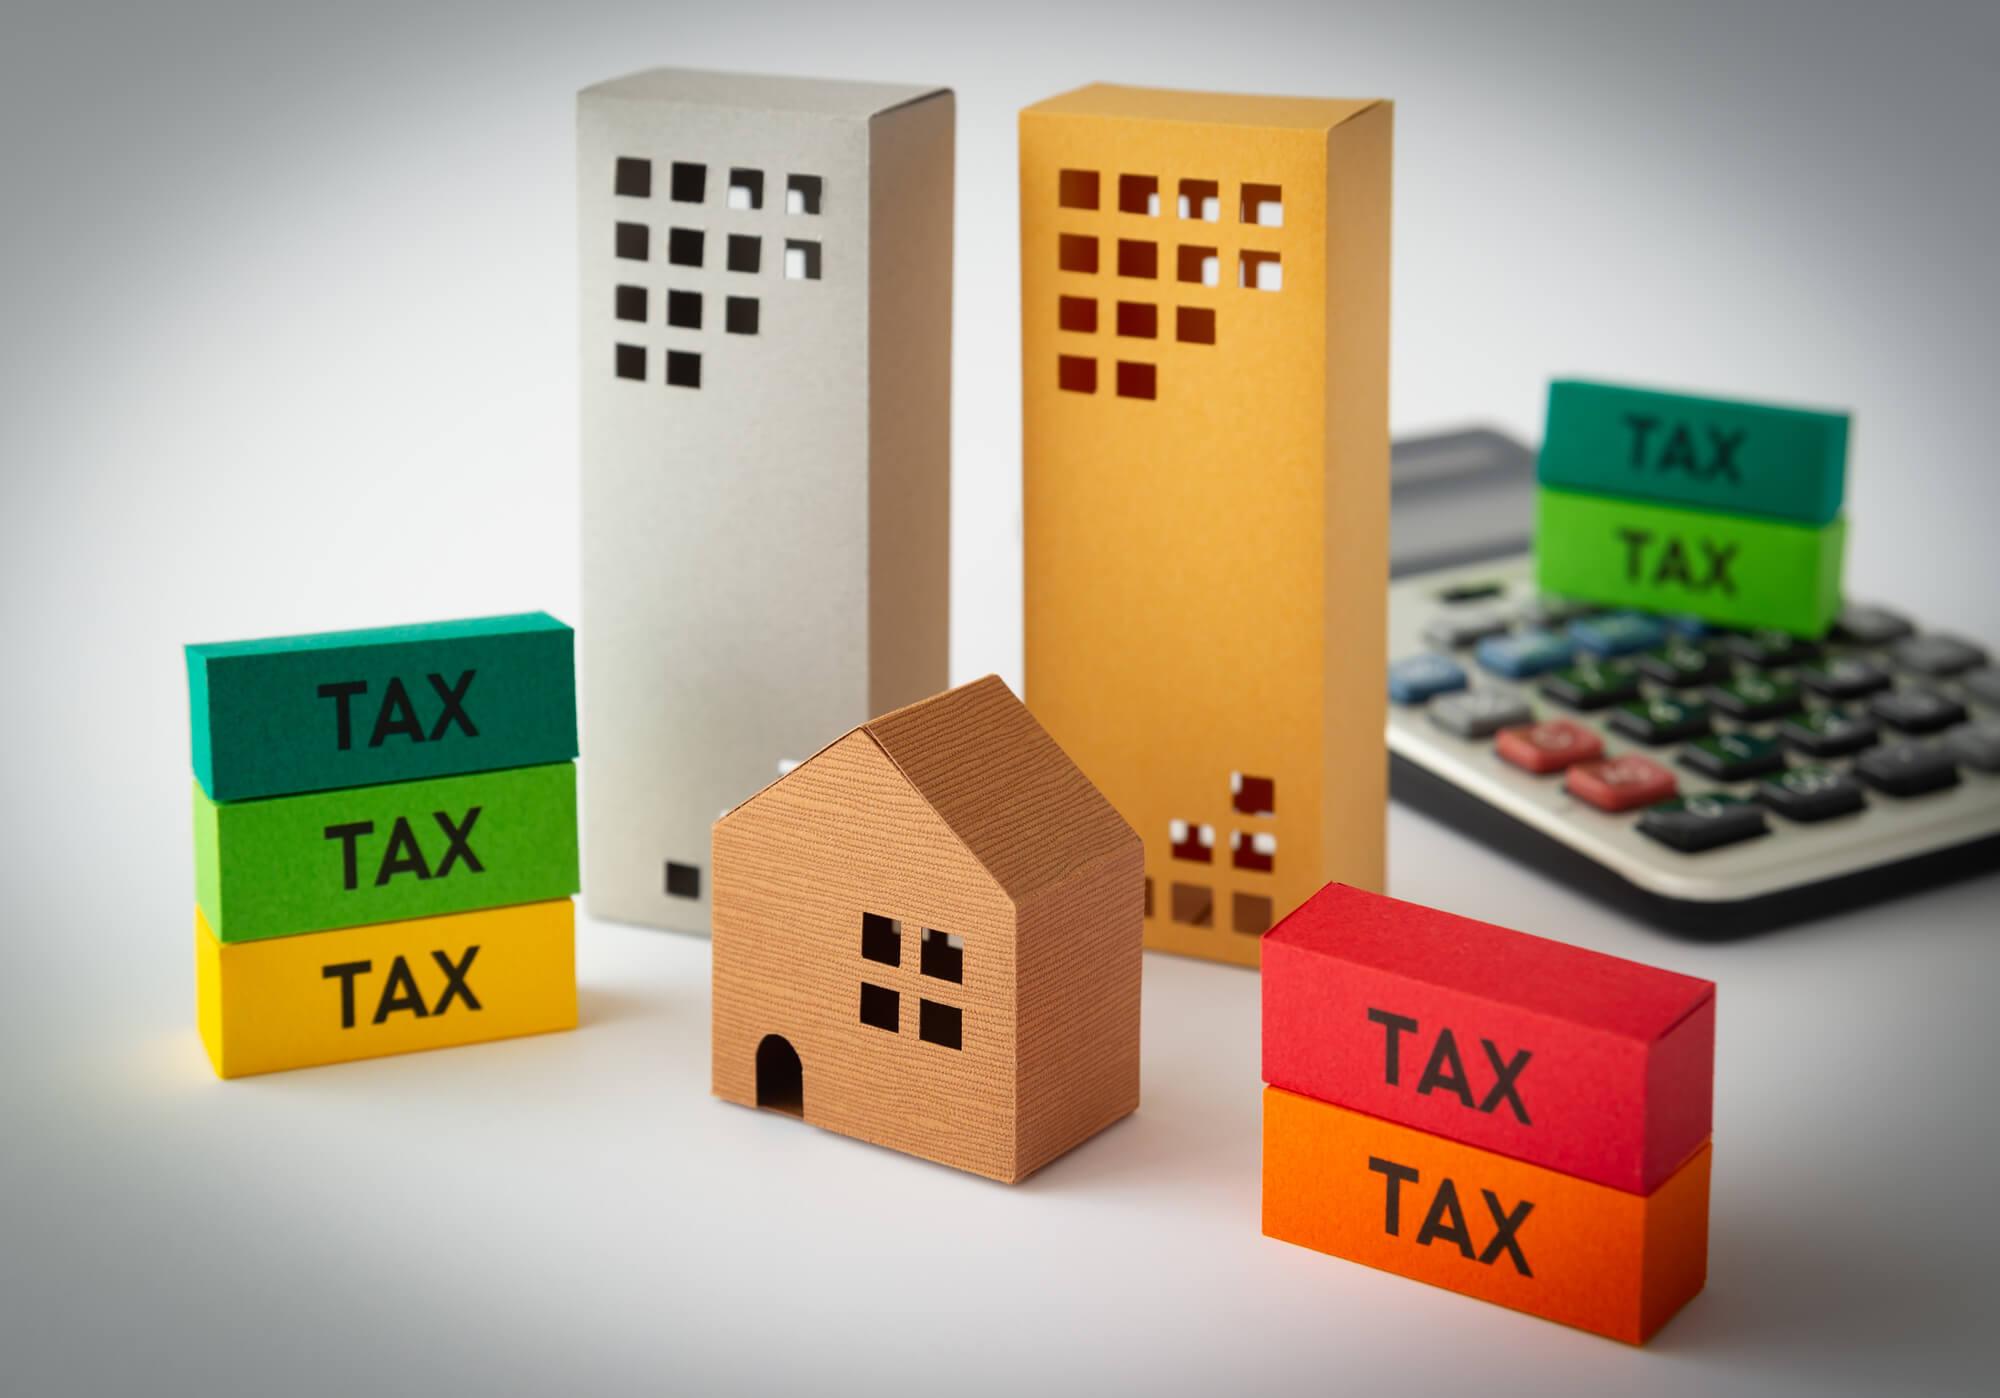 不動産投資での節税は嘘!? 陥りがちな落とし穴